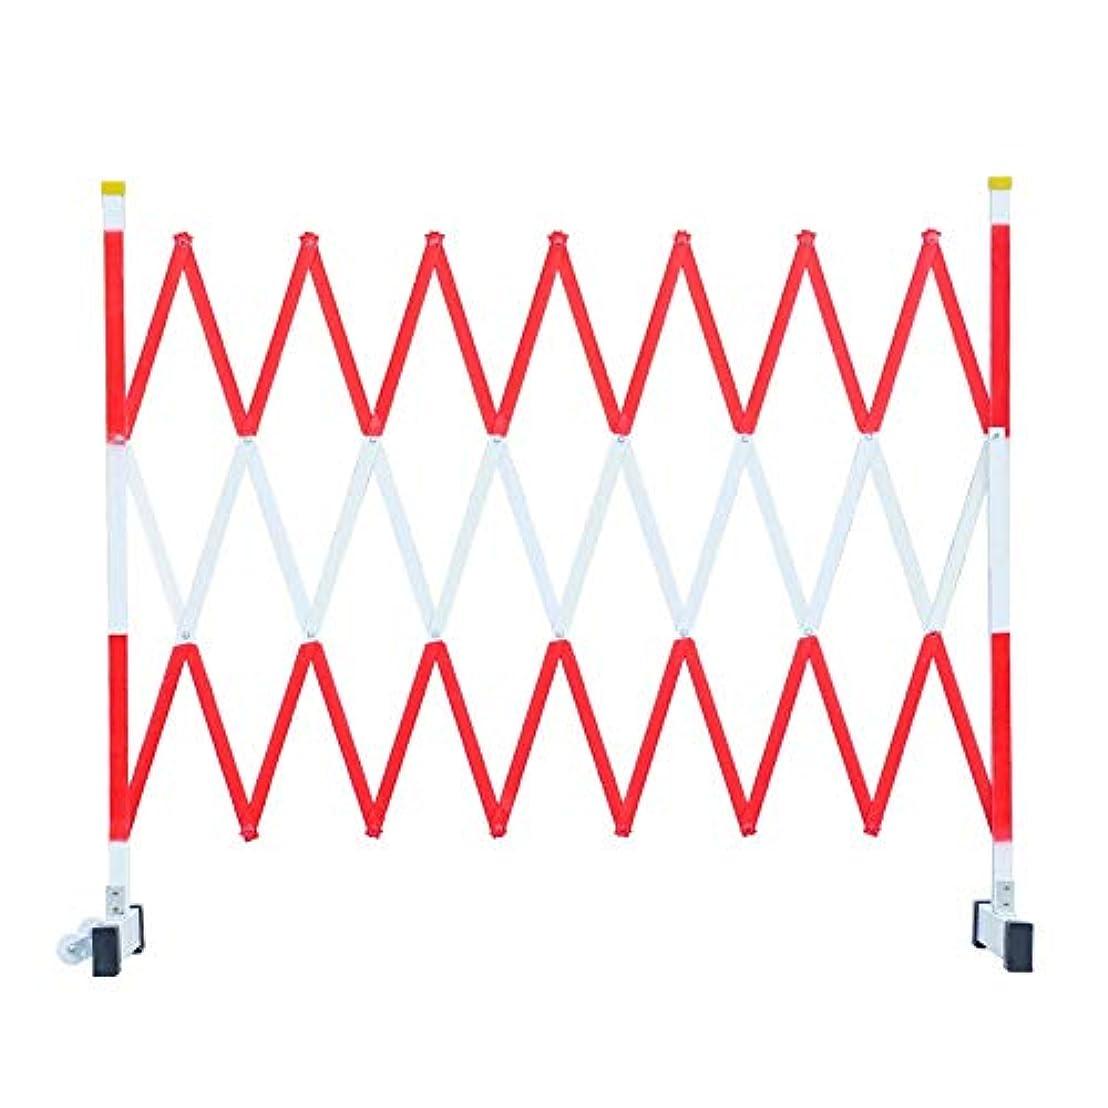 明確に撤回するお願いします断熱伸縮フェンス取り外し可能な保護手すり電気安全建設折りたたみフェンス 拡張可能な安全バリア (Color : Red, Size : 1.2x2.5M)